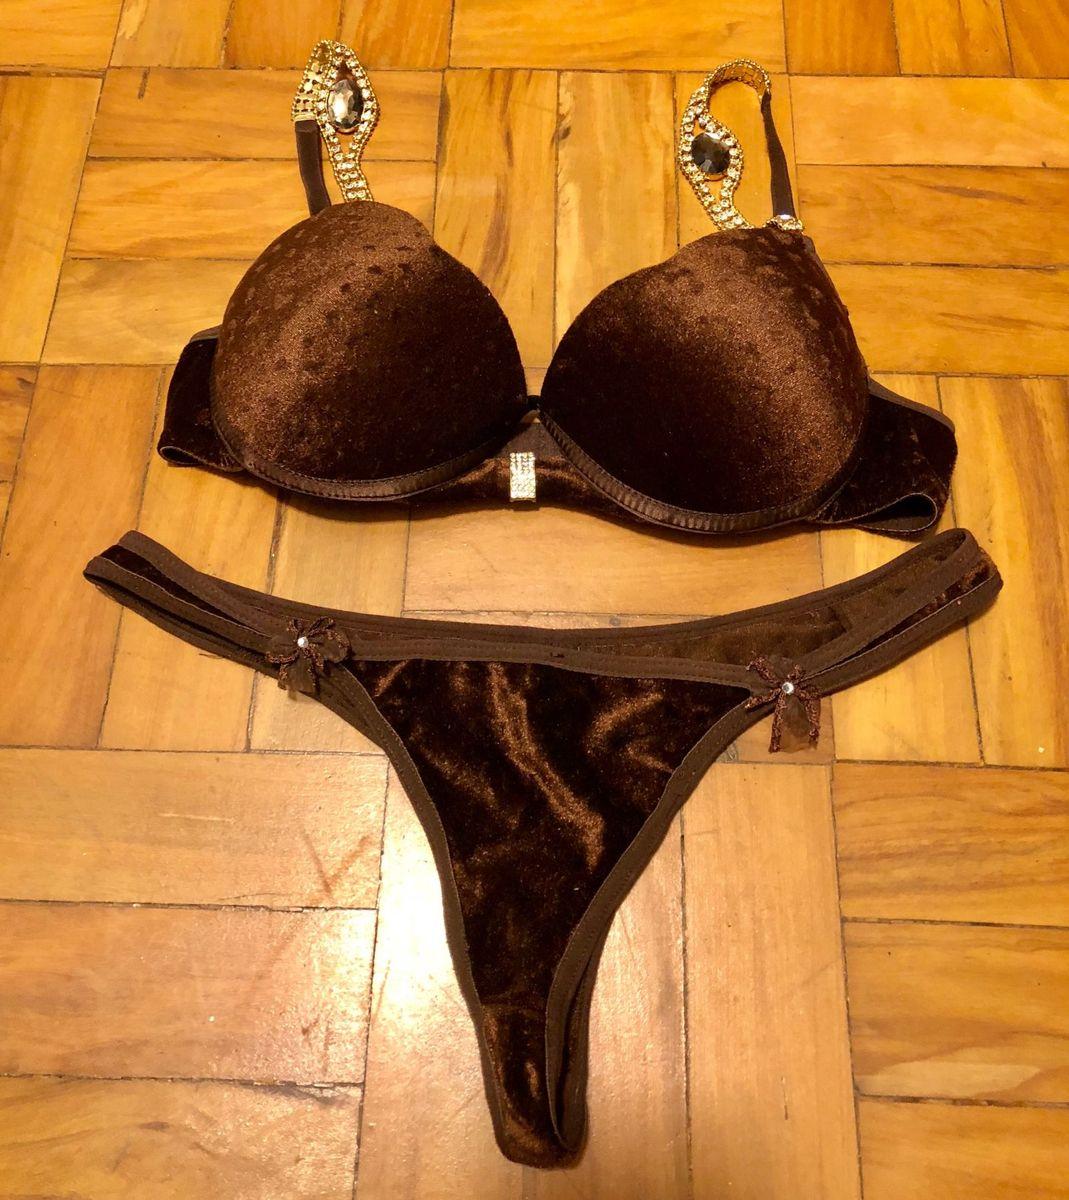 089af8a2c conjunto lingerie aime pedrarias - lingerie aime.  Czm6ly9wag90b3muzw5qb2vplmnvbs5ici9wcm9kdwn0cy82mdi4ntqzlzc3mzi2n2rjytkwzgvhodi1mzy3otvhywuznmi2nzi1lmpwzw